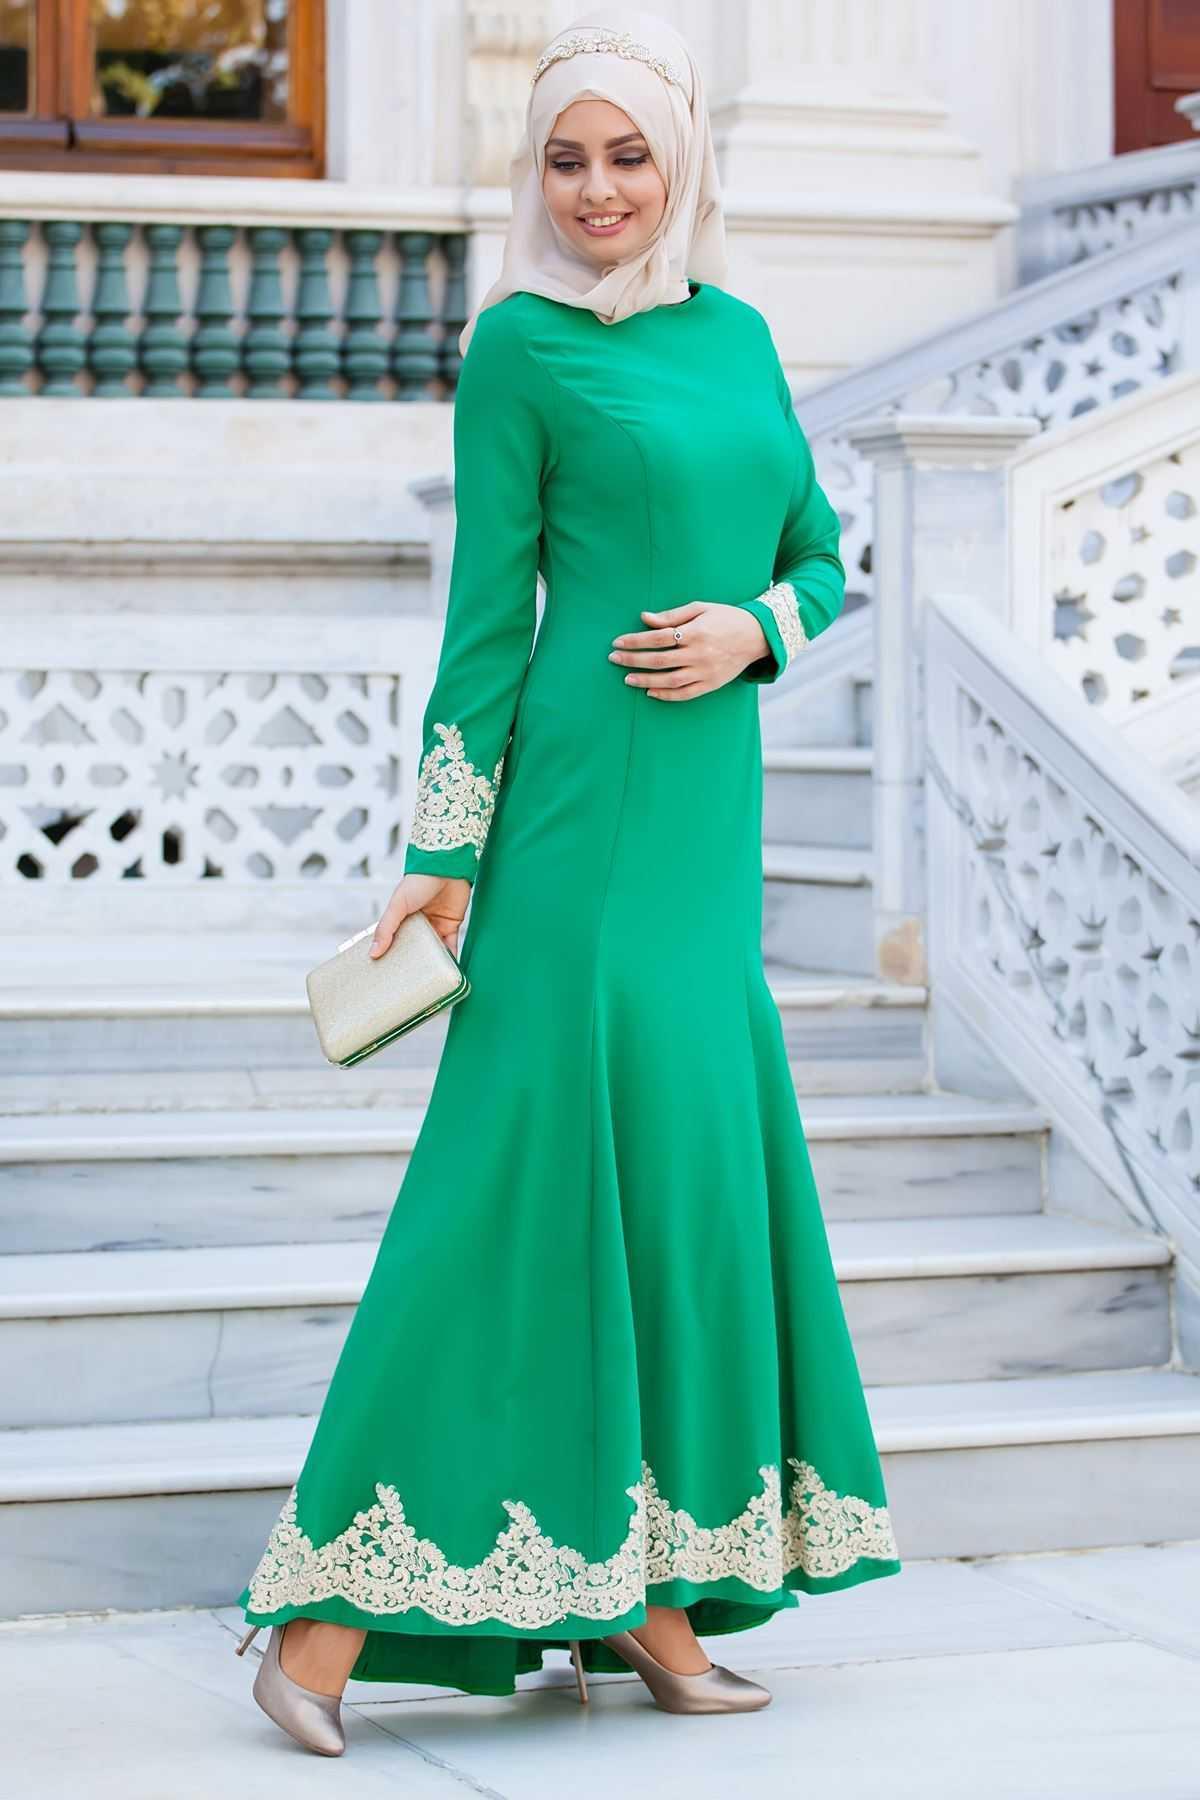 Sedanur Collection Tesettür Kuyruklu Abiye Elbise Modelleri